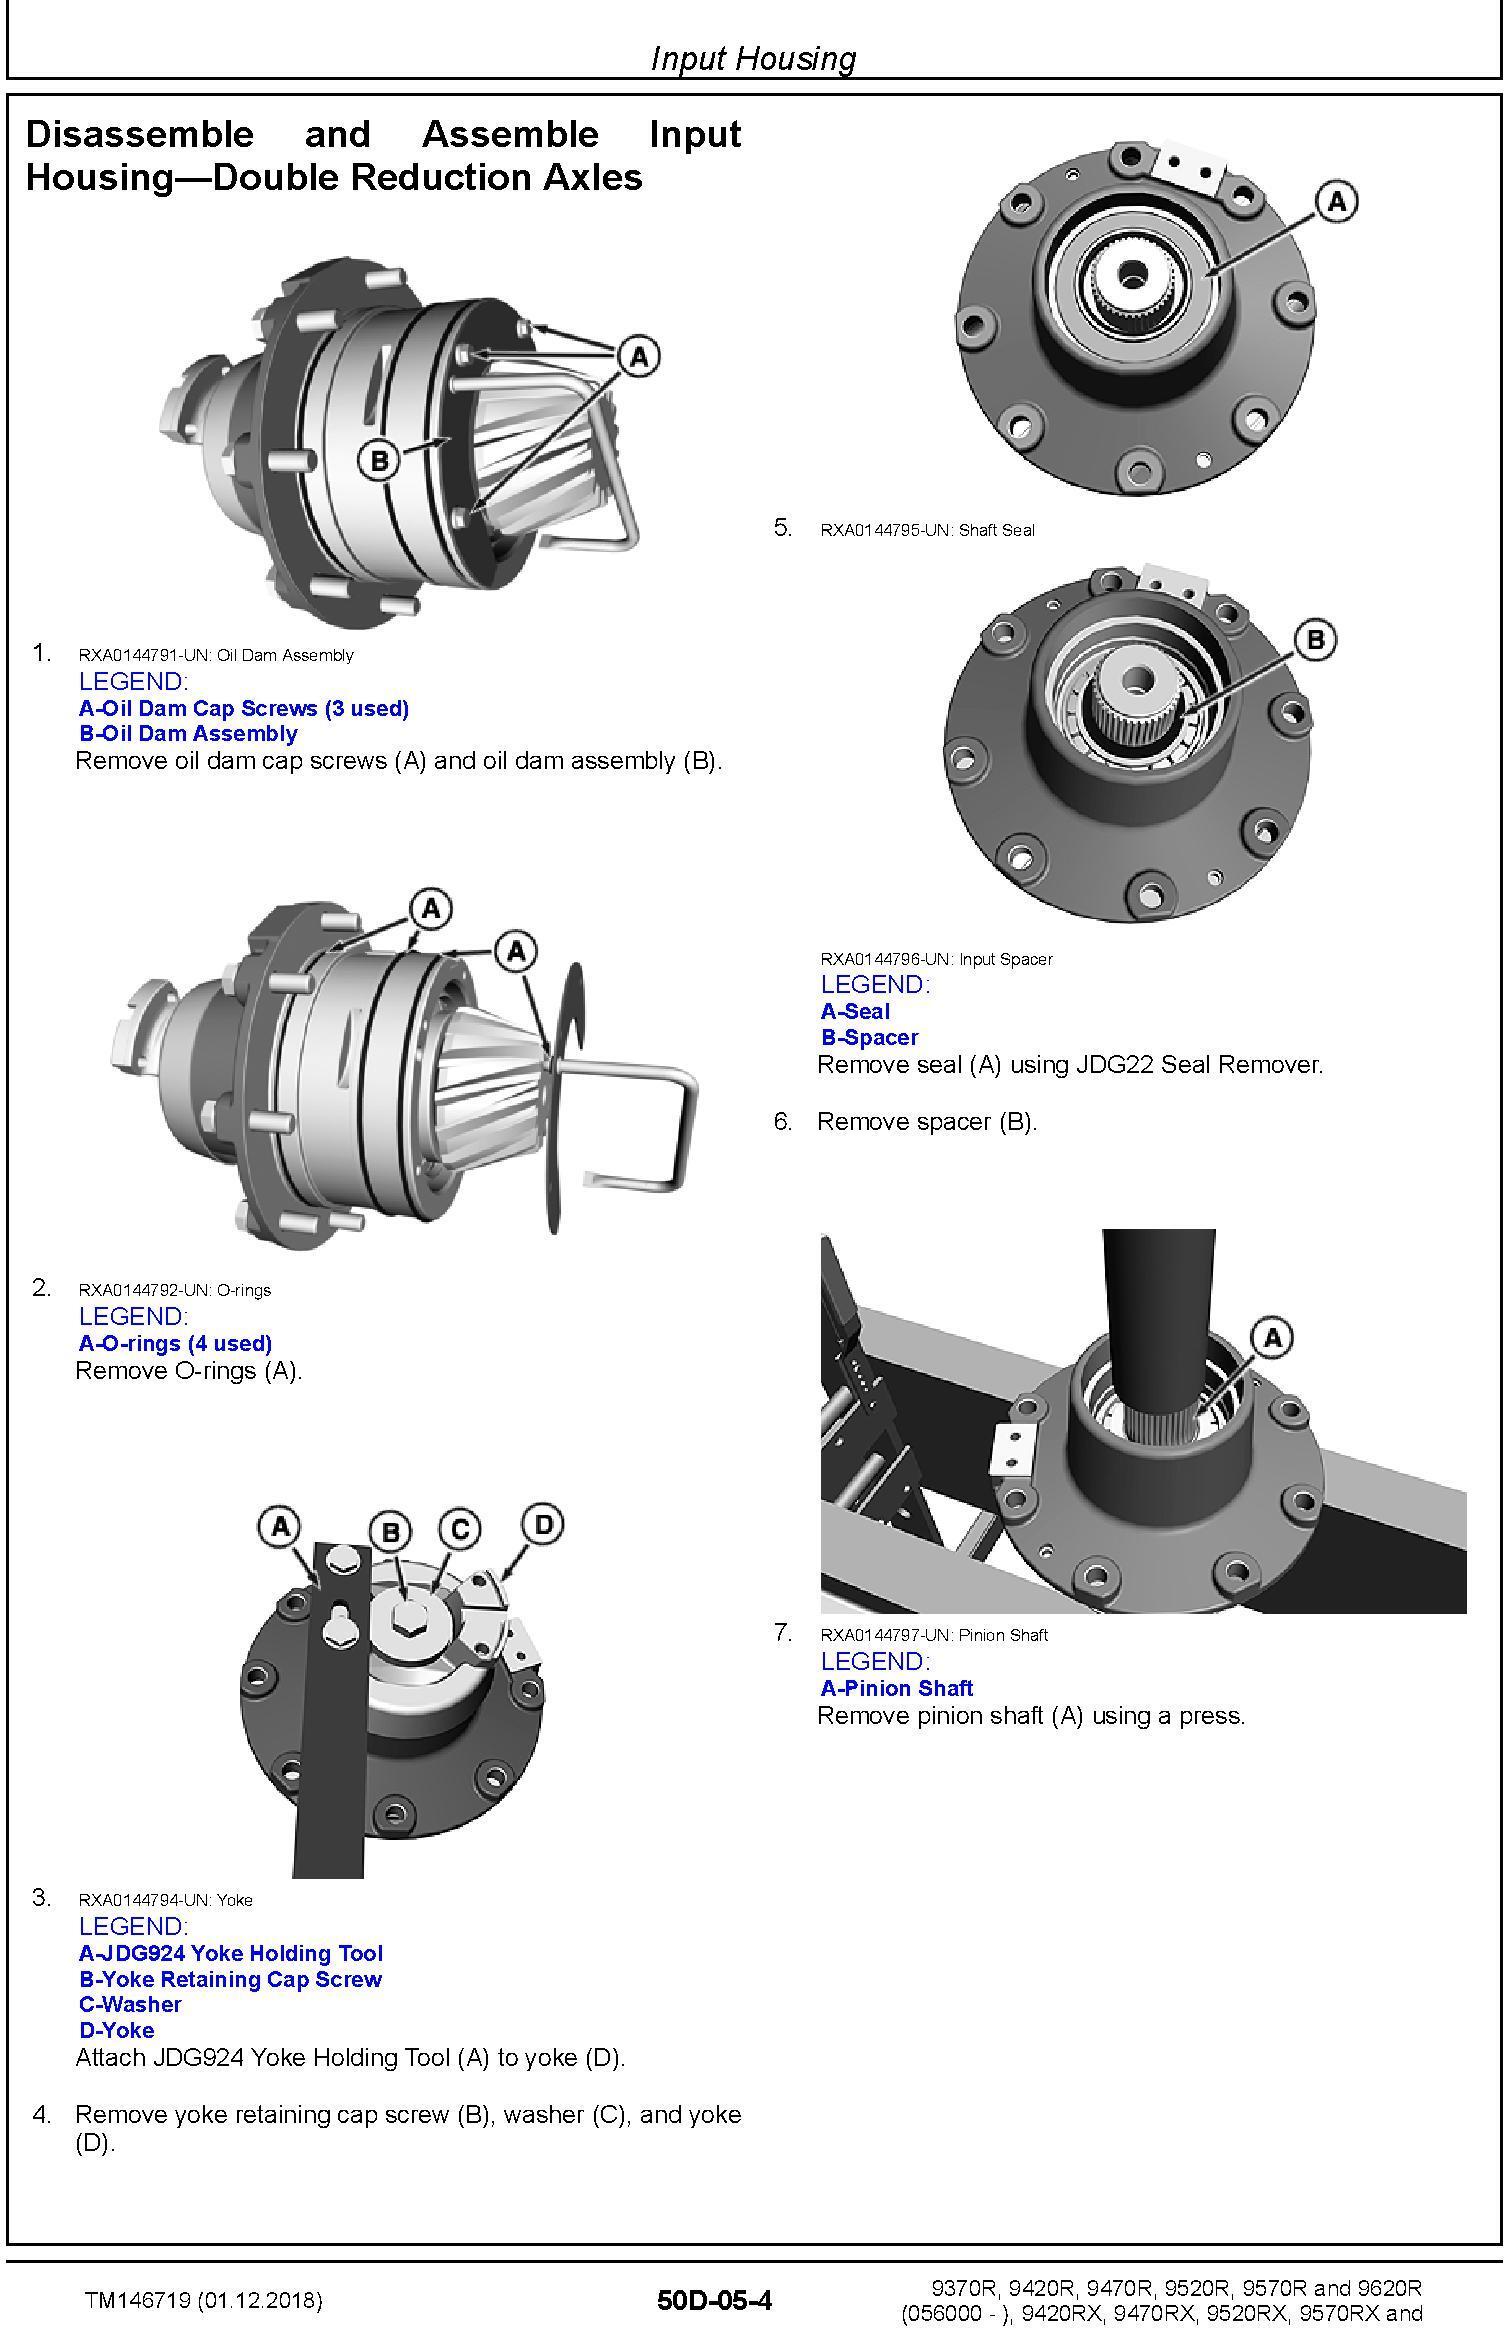 John Deere 9370R 9420R/RX 9470R/RX 9520R/RX 9570R/RX 9620R/RX Tractors Repair Manual (TM146719) - 1